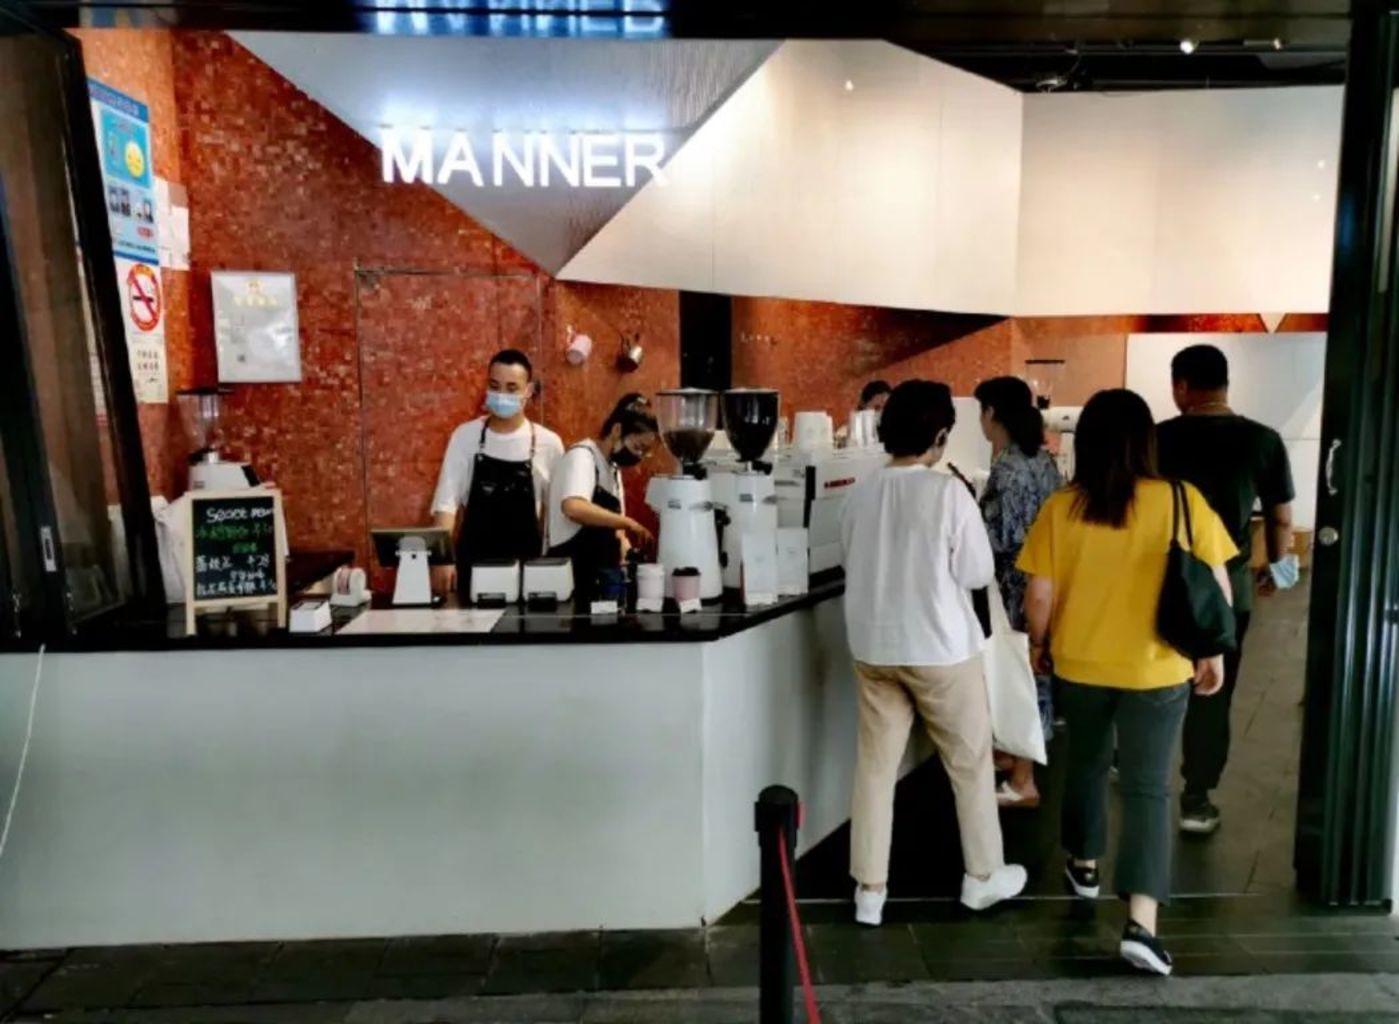 Manner半自动+流水线的操作,图片来自大众点评